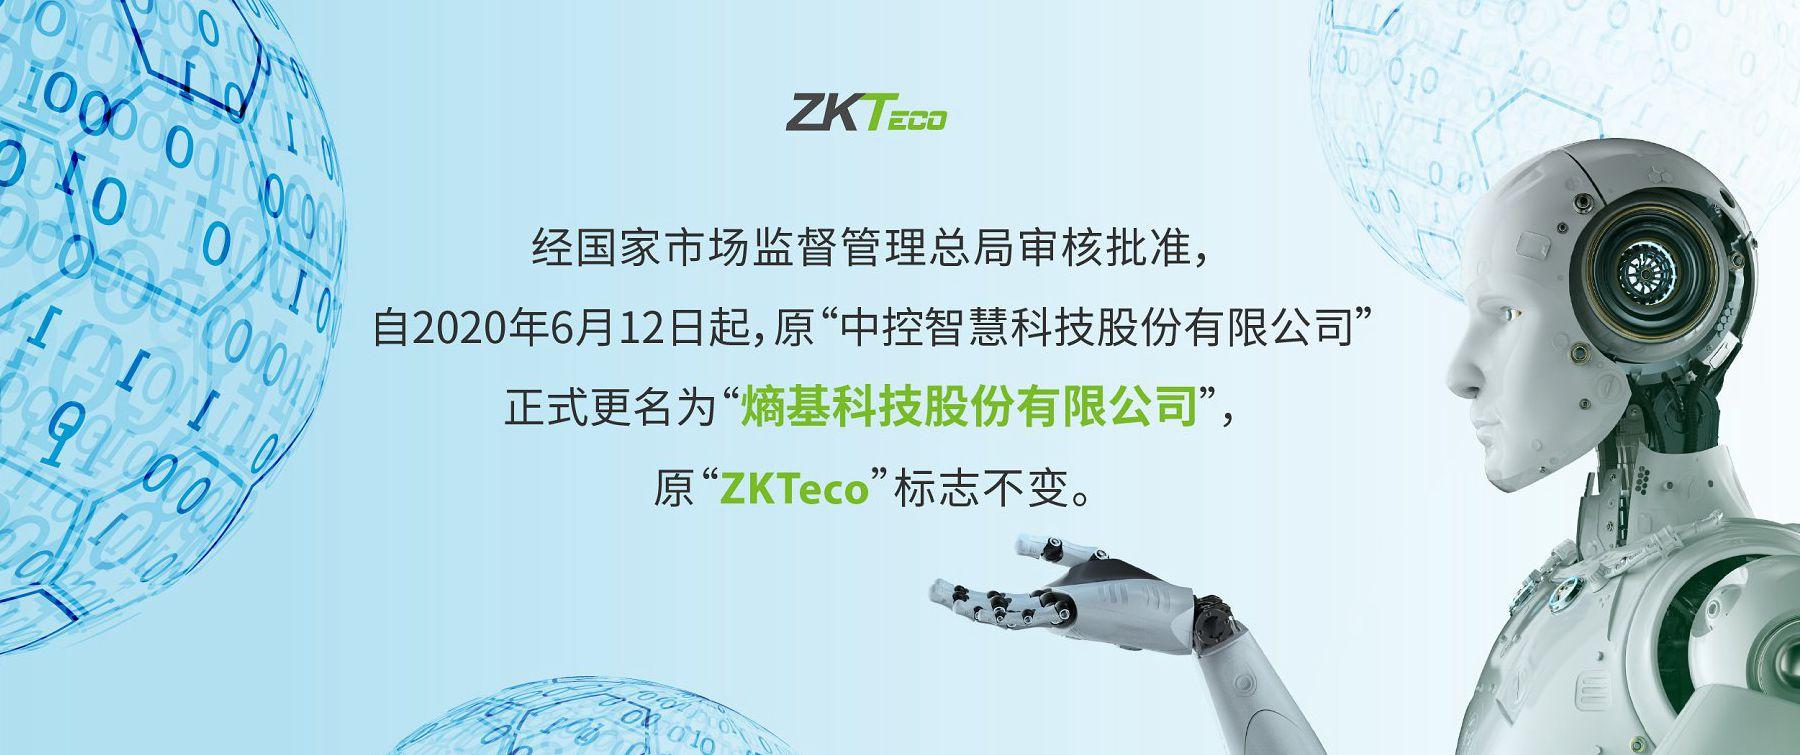 熵基更名_中控智慧_上海直前智能科技有限公司